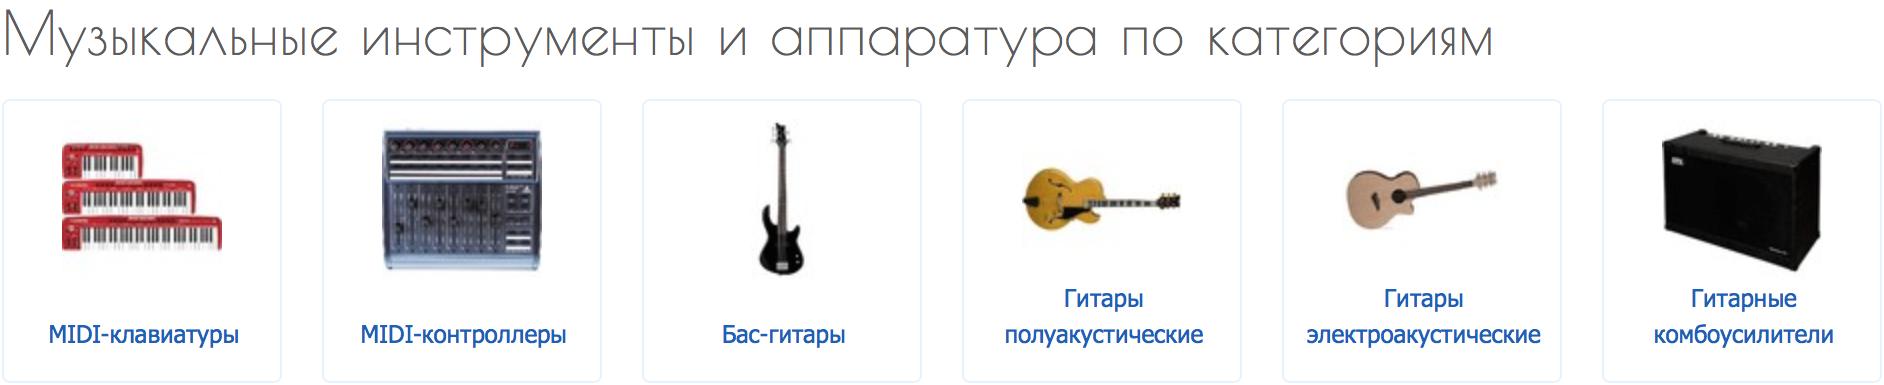 Черная пятница и новогодние распродажи: Опыт Аудиомании - 3